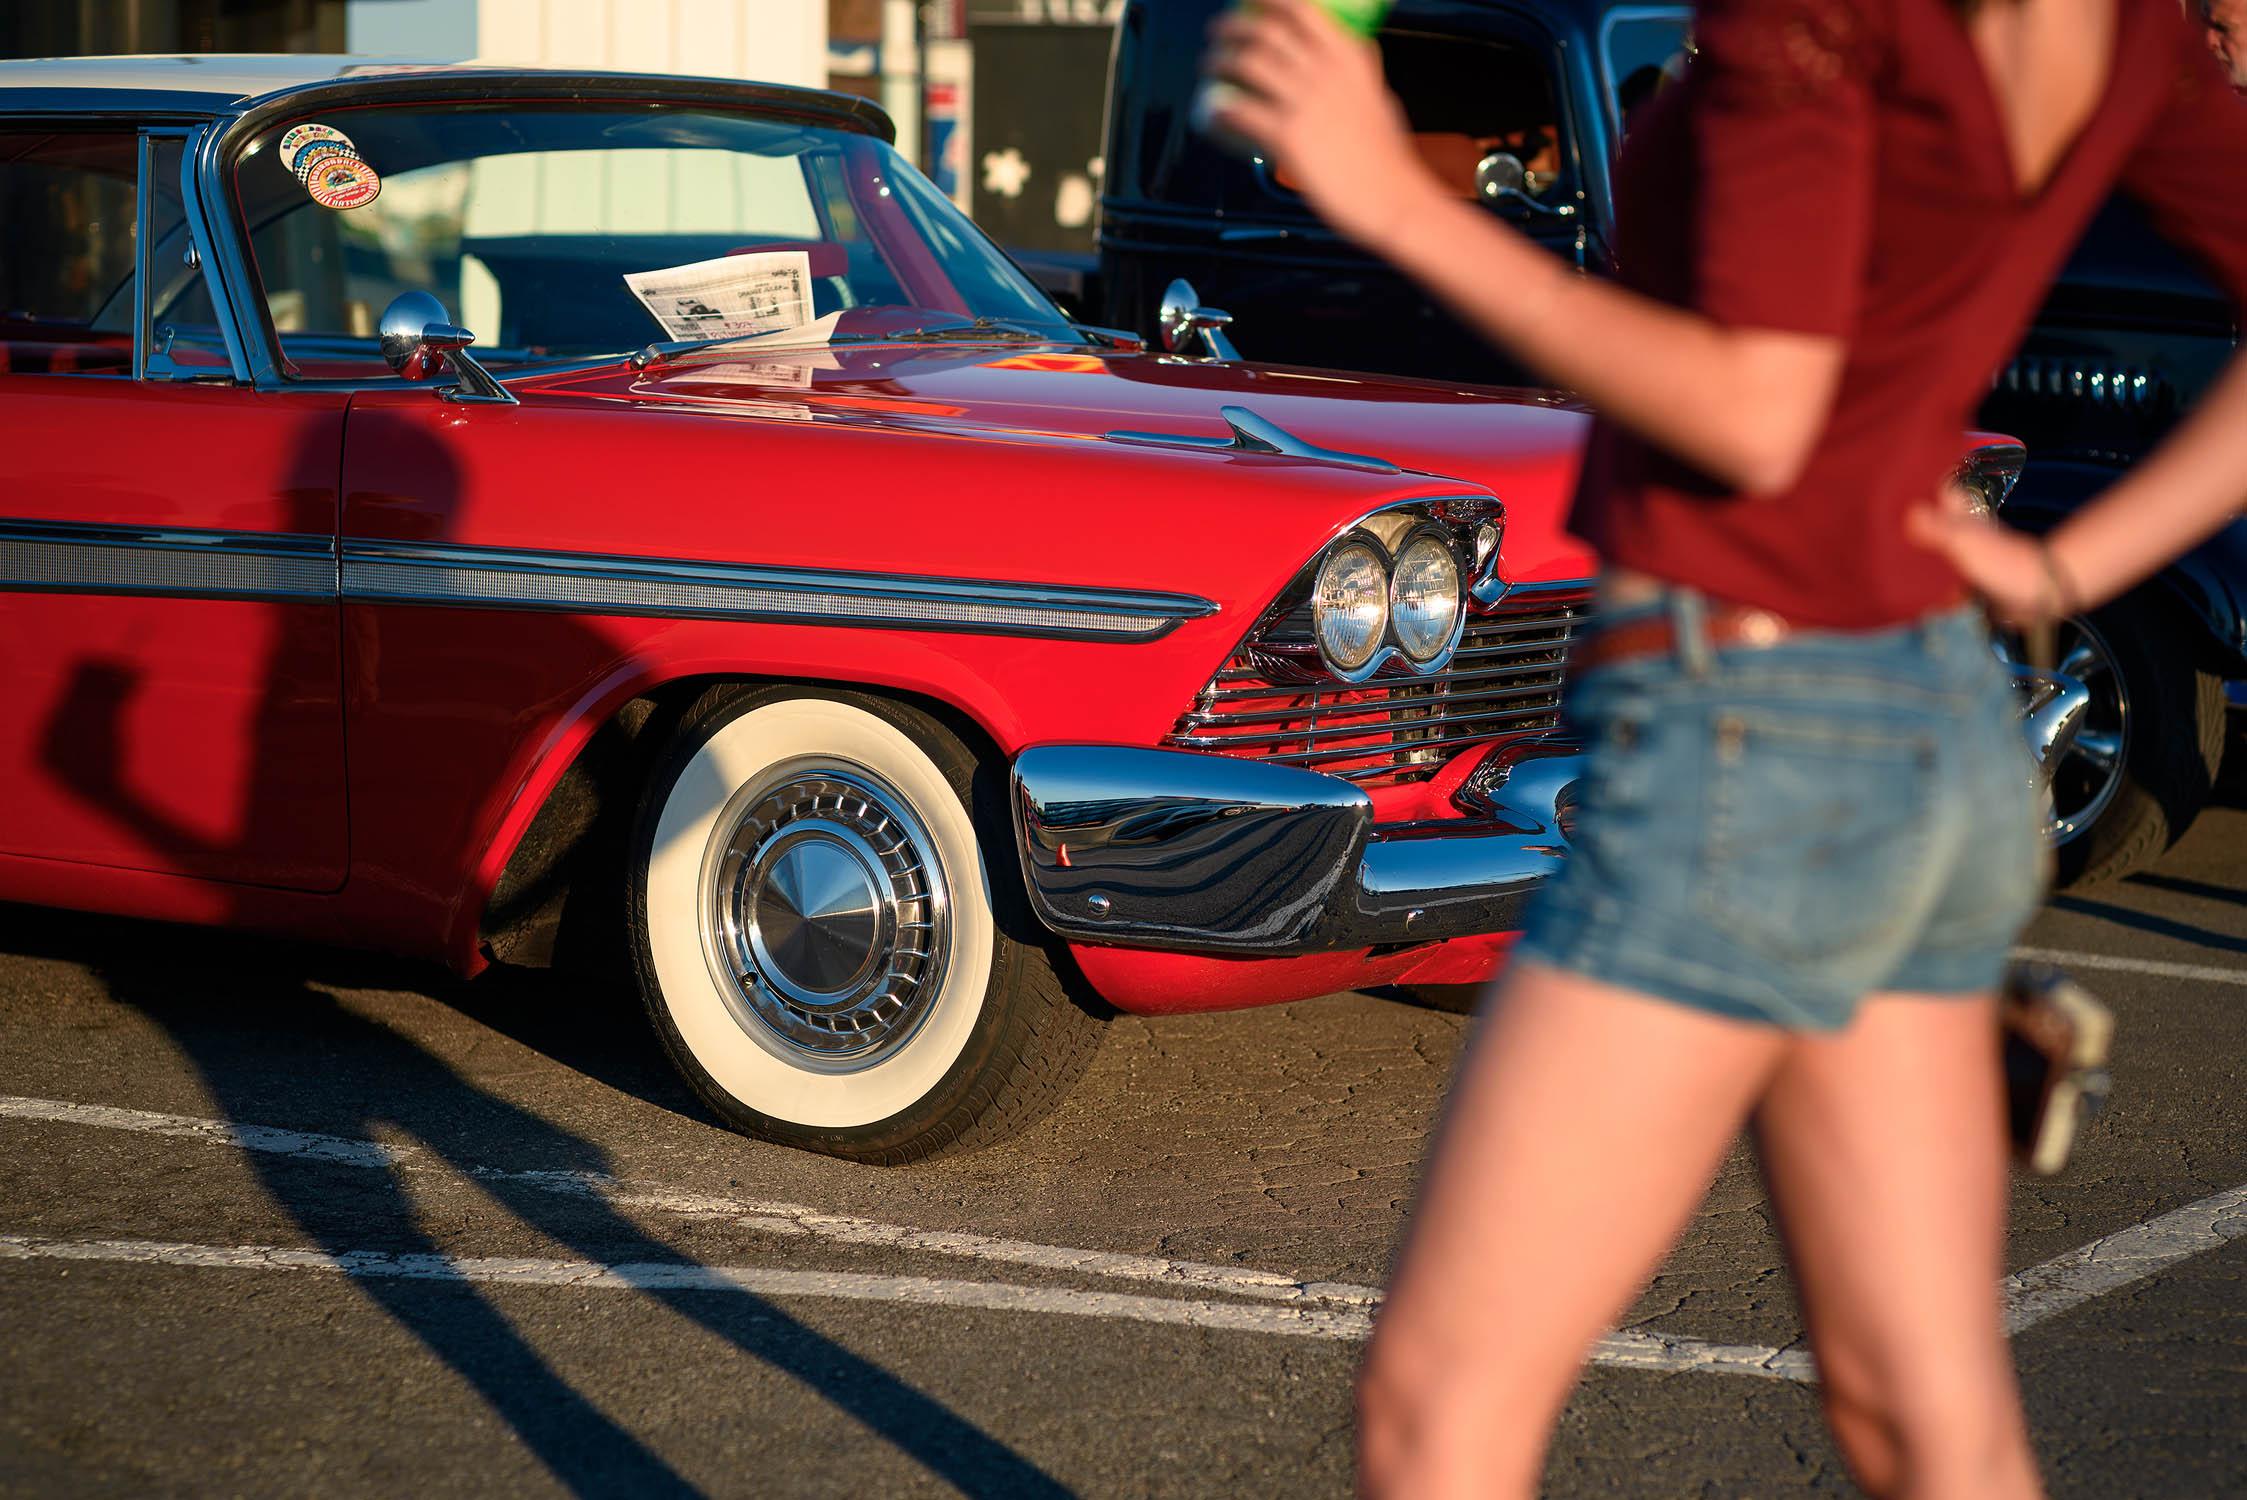 julep-cars-monika-story-38.jpg